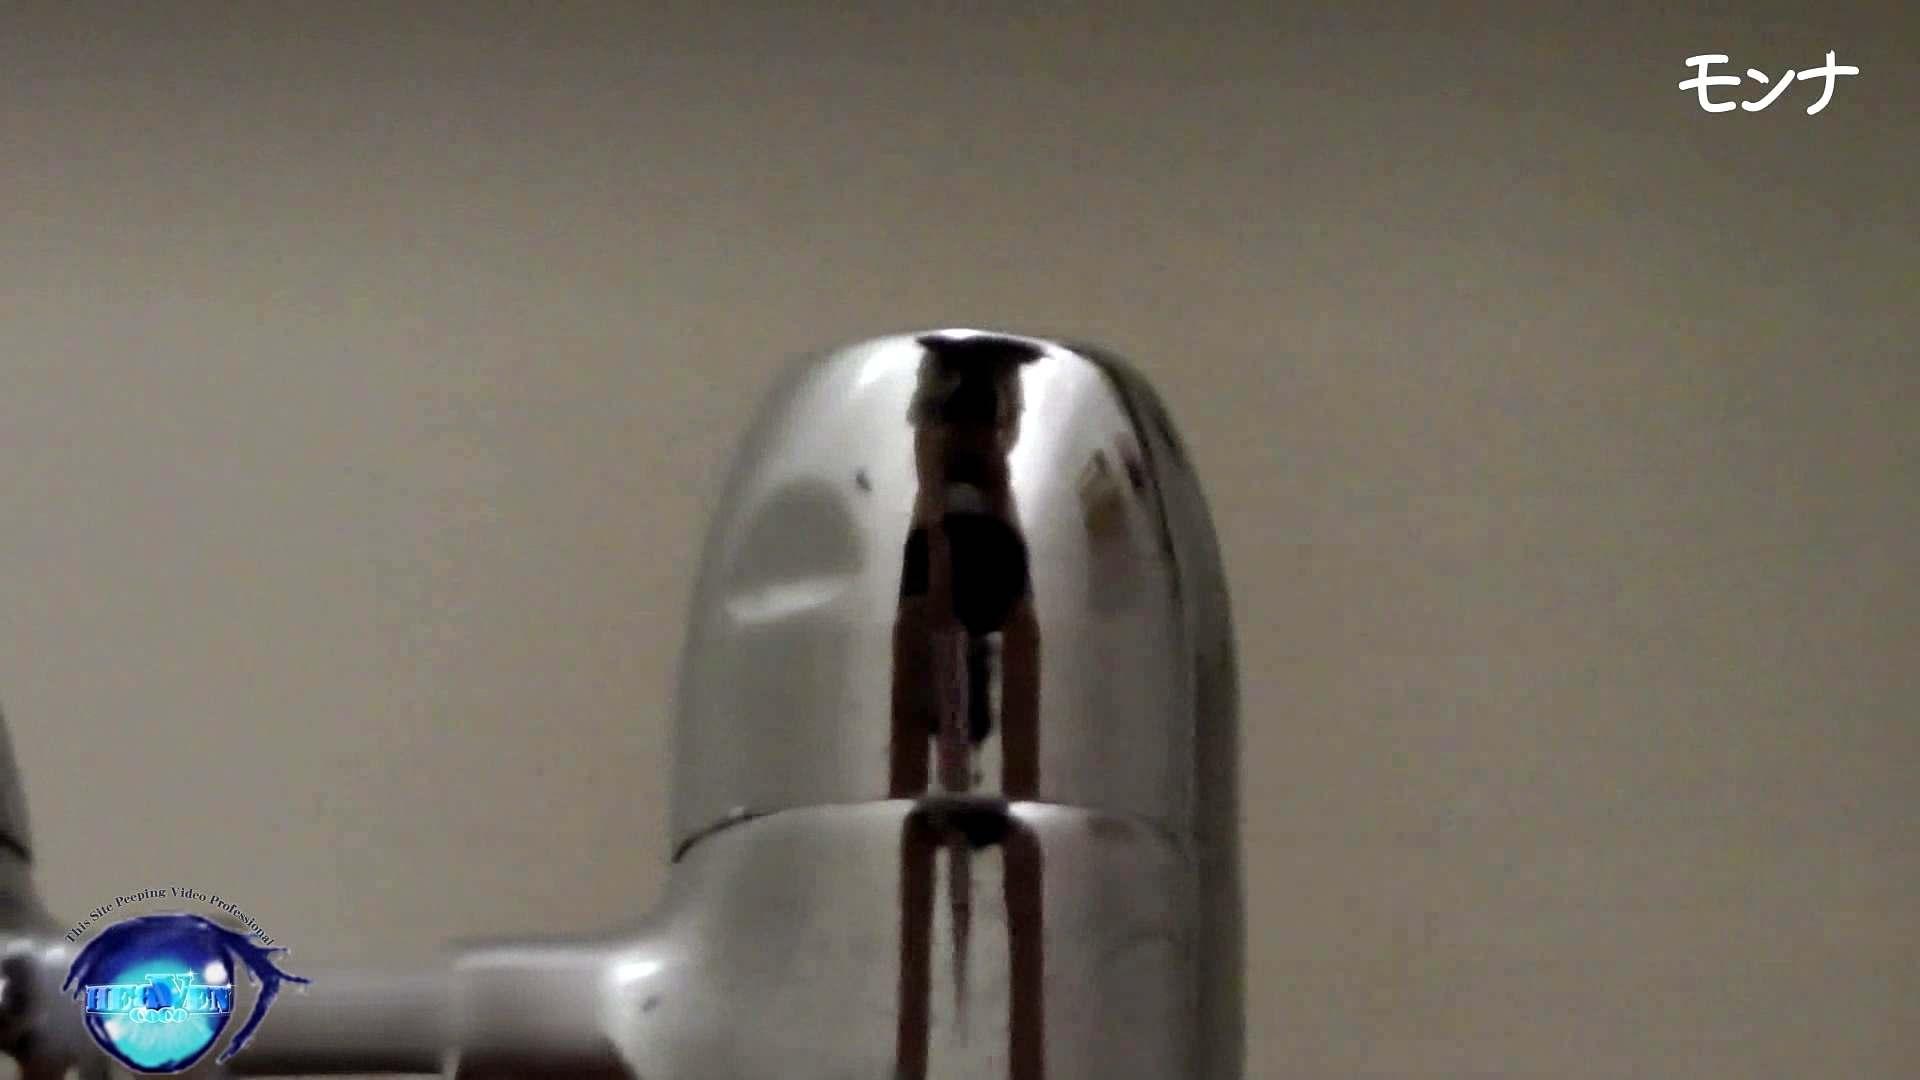 【美しい日本の未来】美しい日本の未来 No.82たまらない丸み、今度またハプニング起きる 肛門特集 ヌード画像 98pic 86